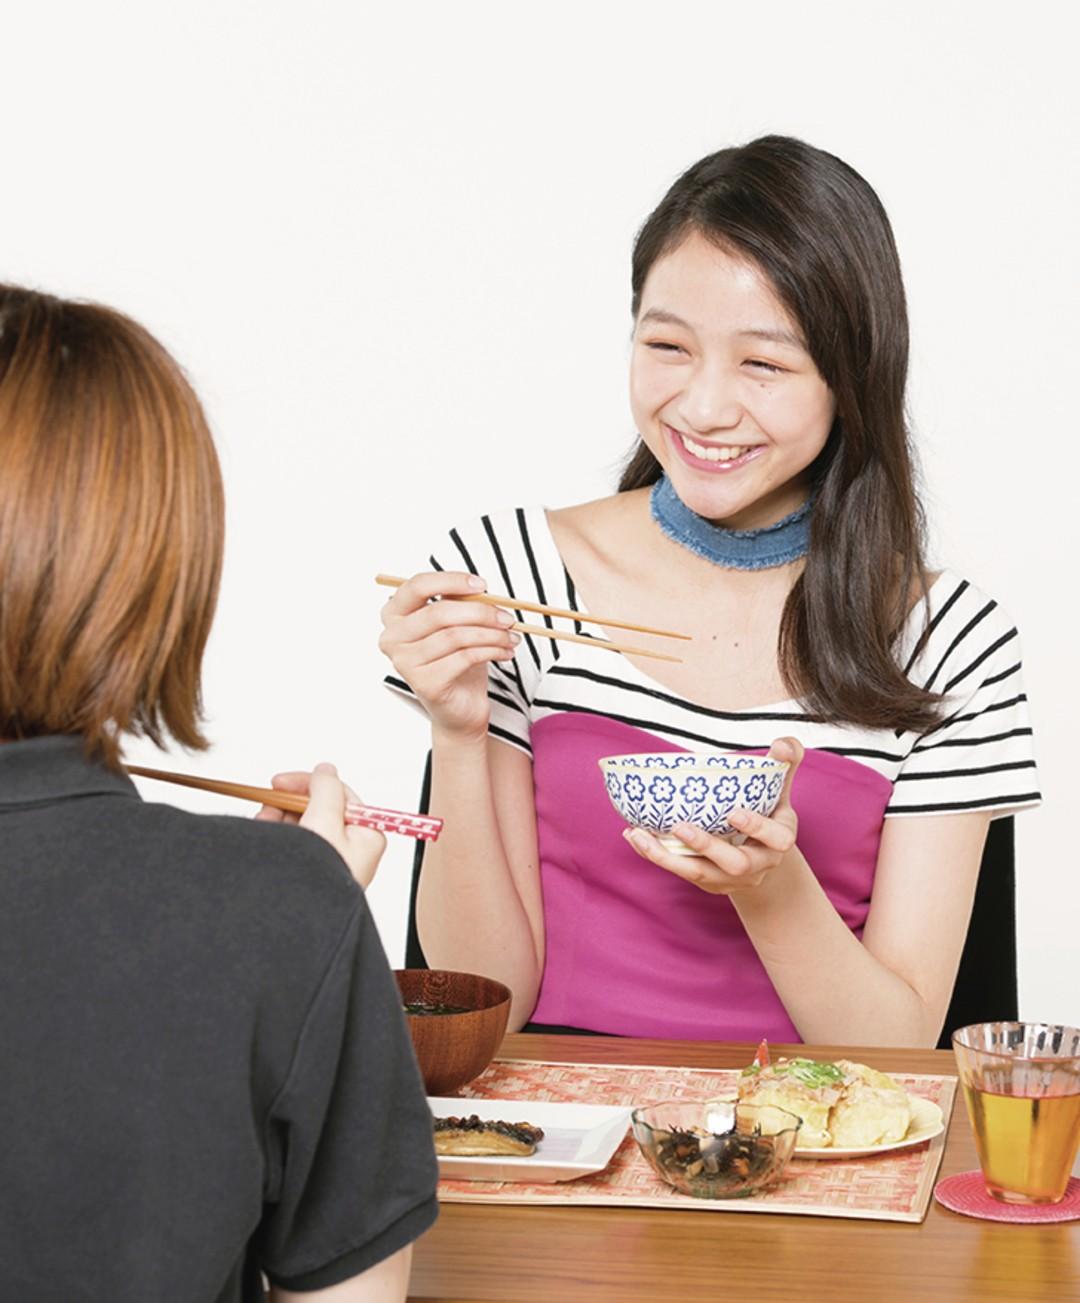 ゆっくり食べる友達のペース・量に合わせて食べる